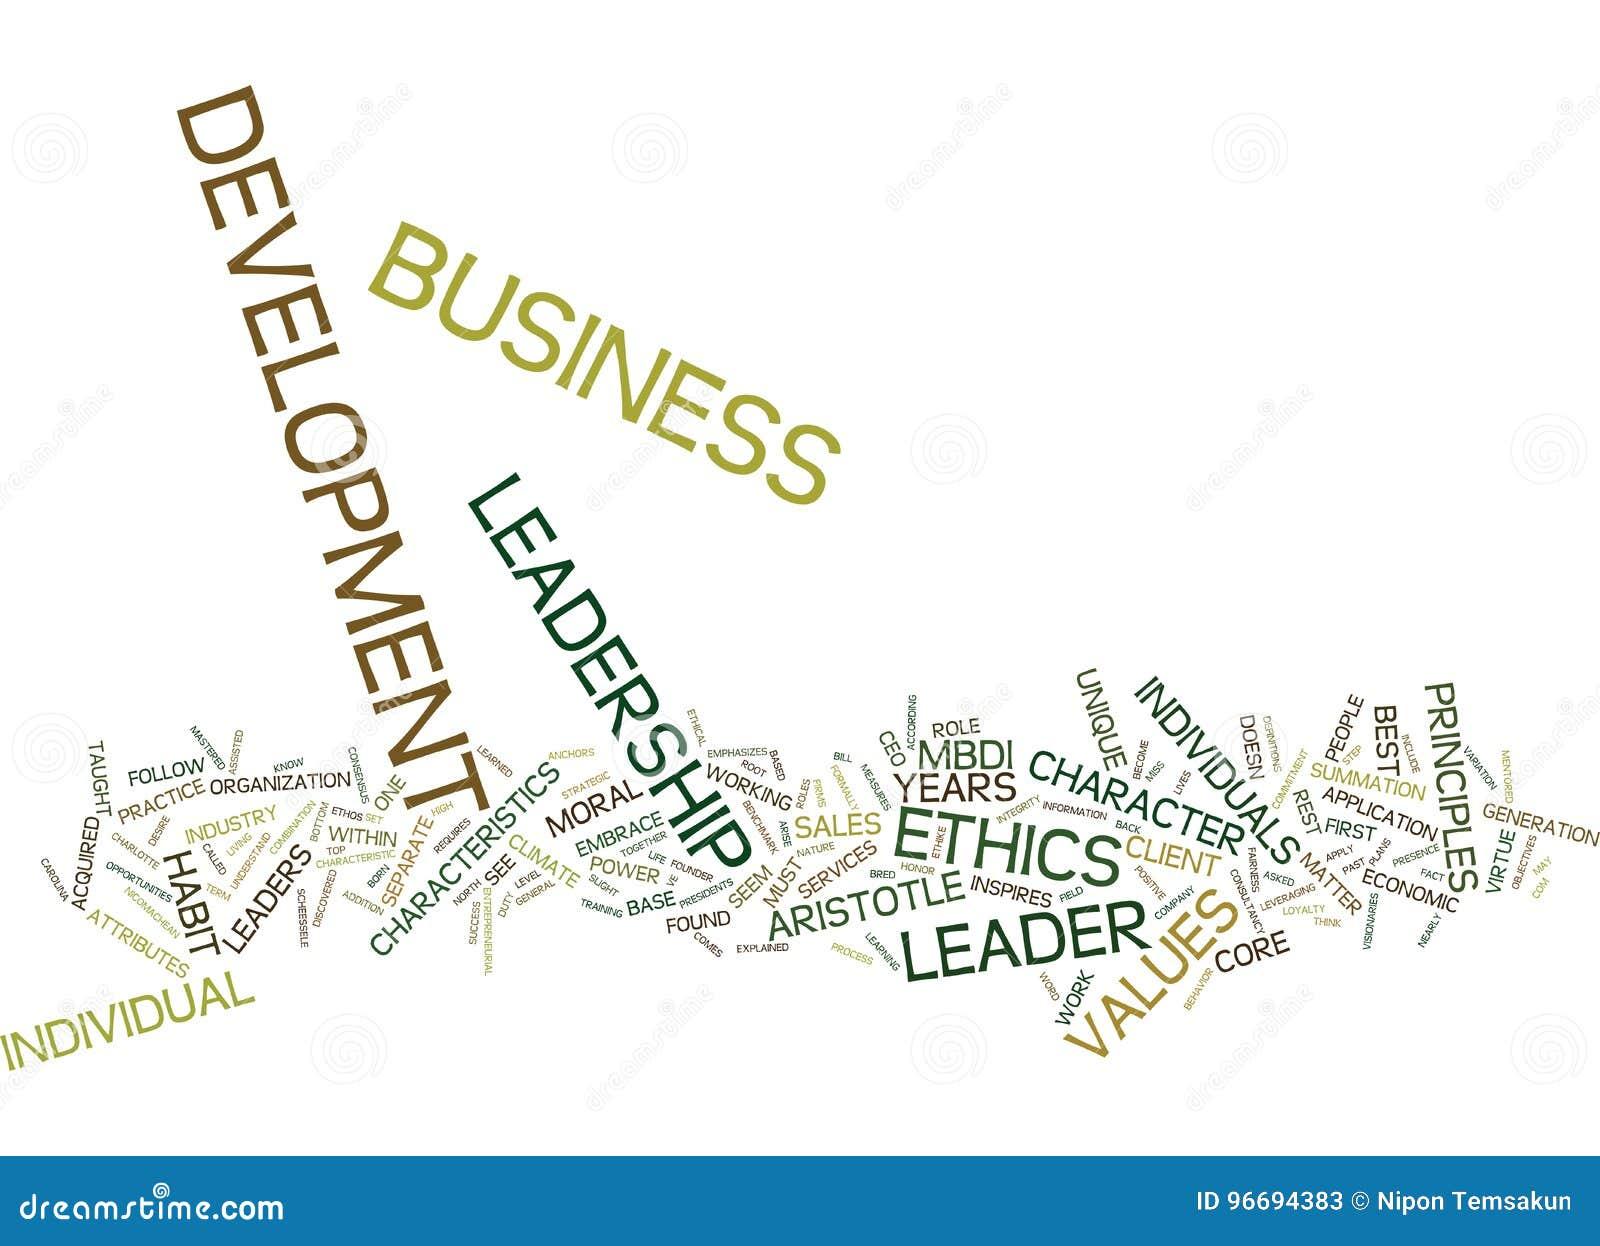 Ethik-Führung im Text-Hintergrund-Wort-Wolken-Konzept der wirtschaftlichen Entwicklung